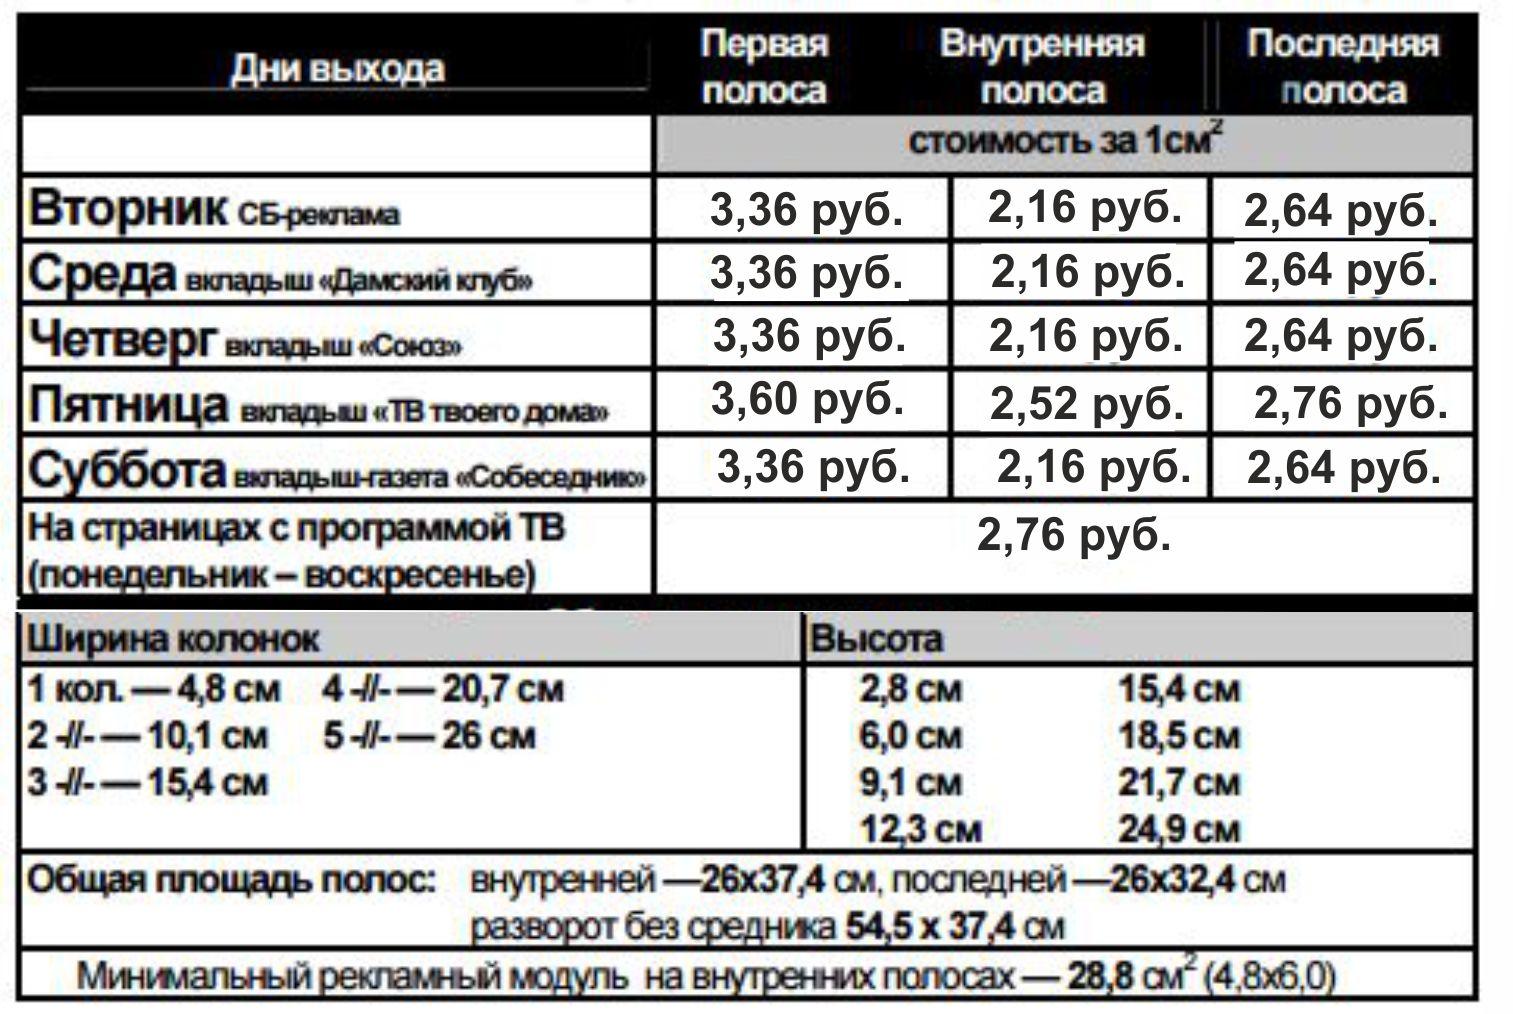 Прайс газеты Беларусь Сегодня reklama-on.by